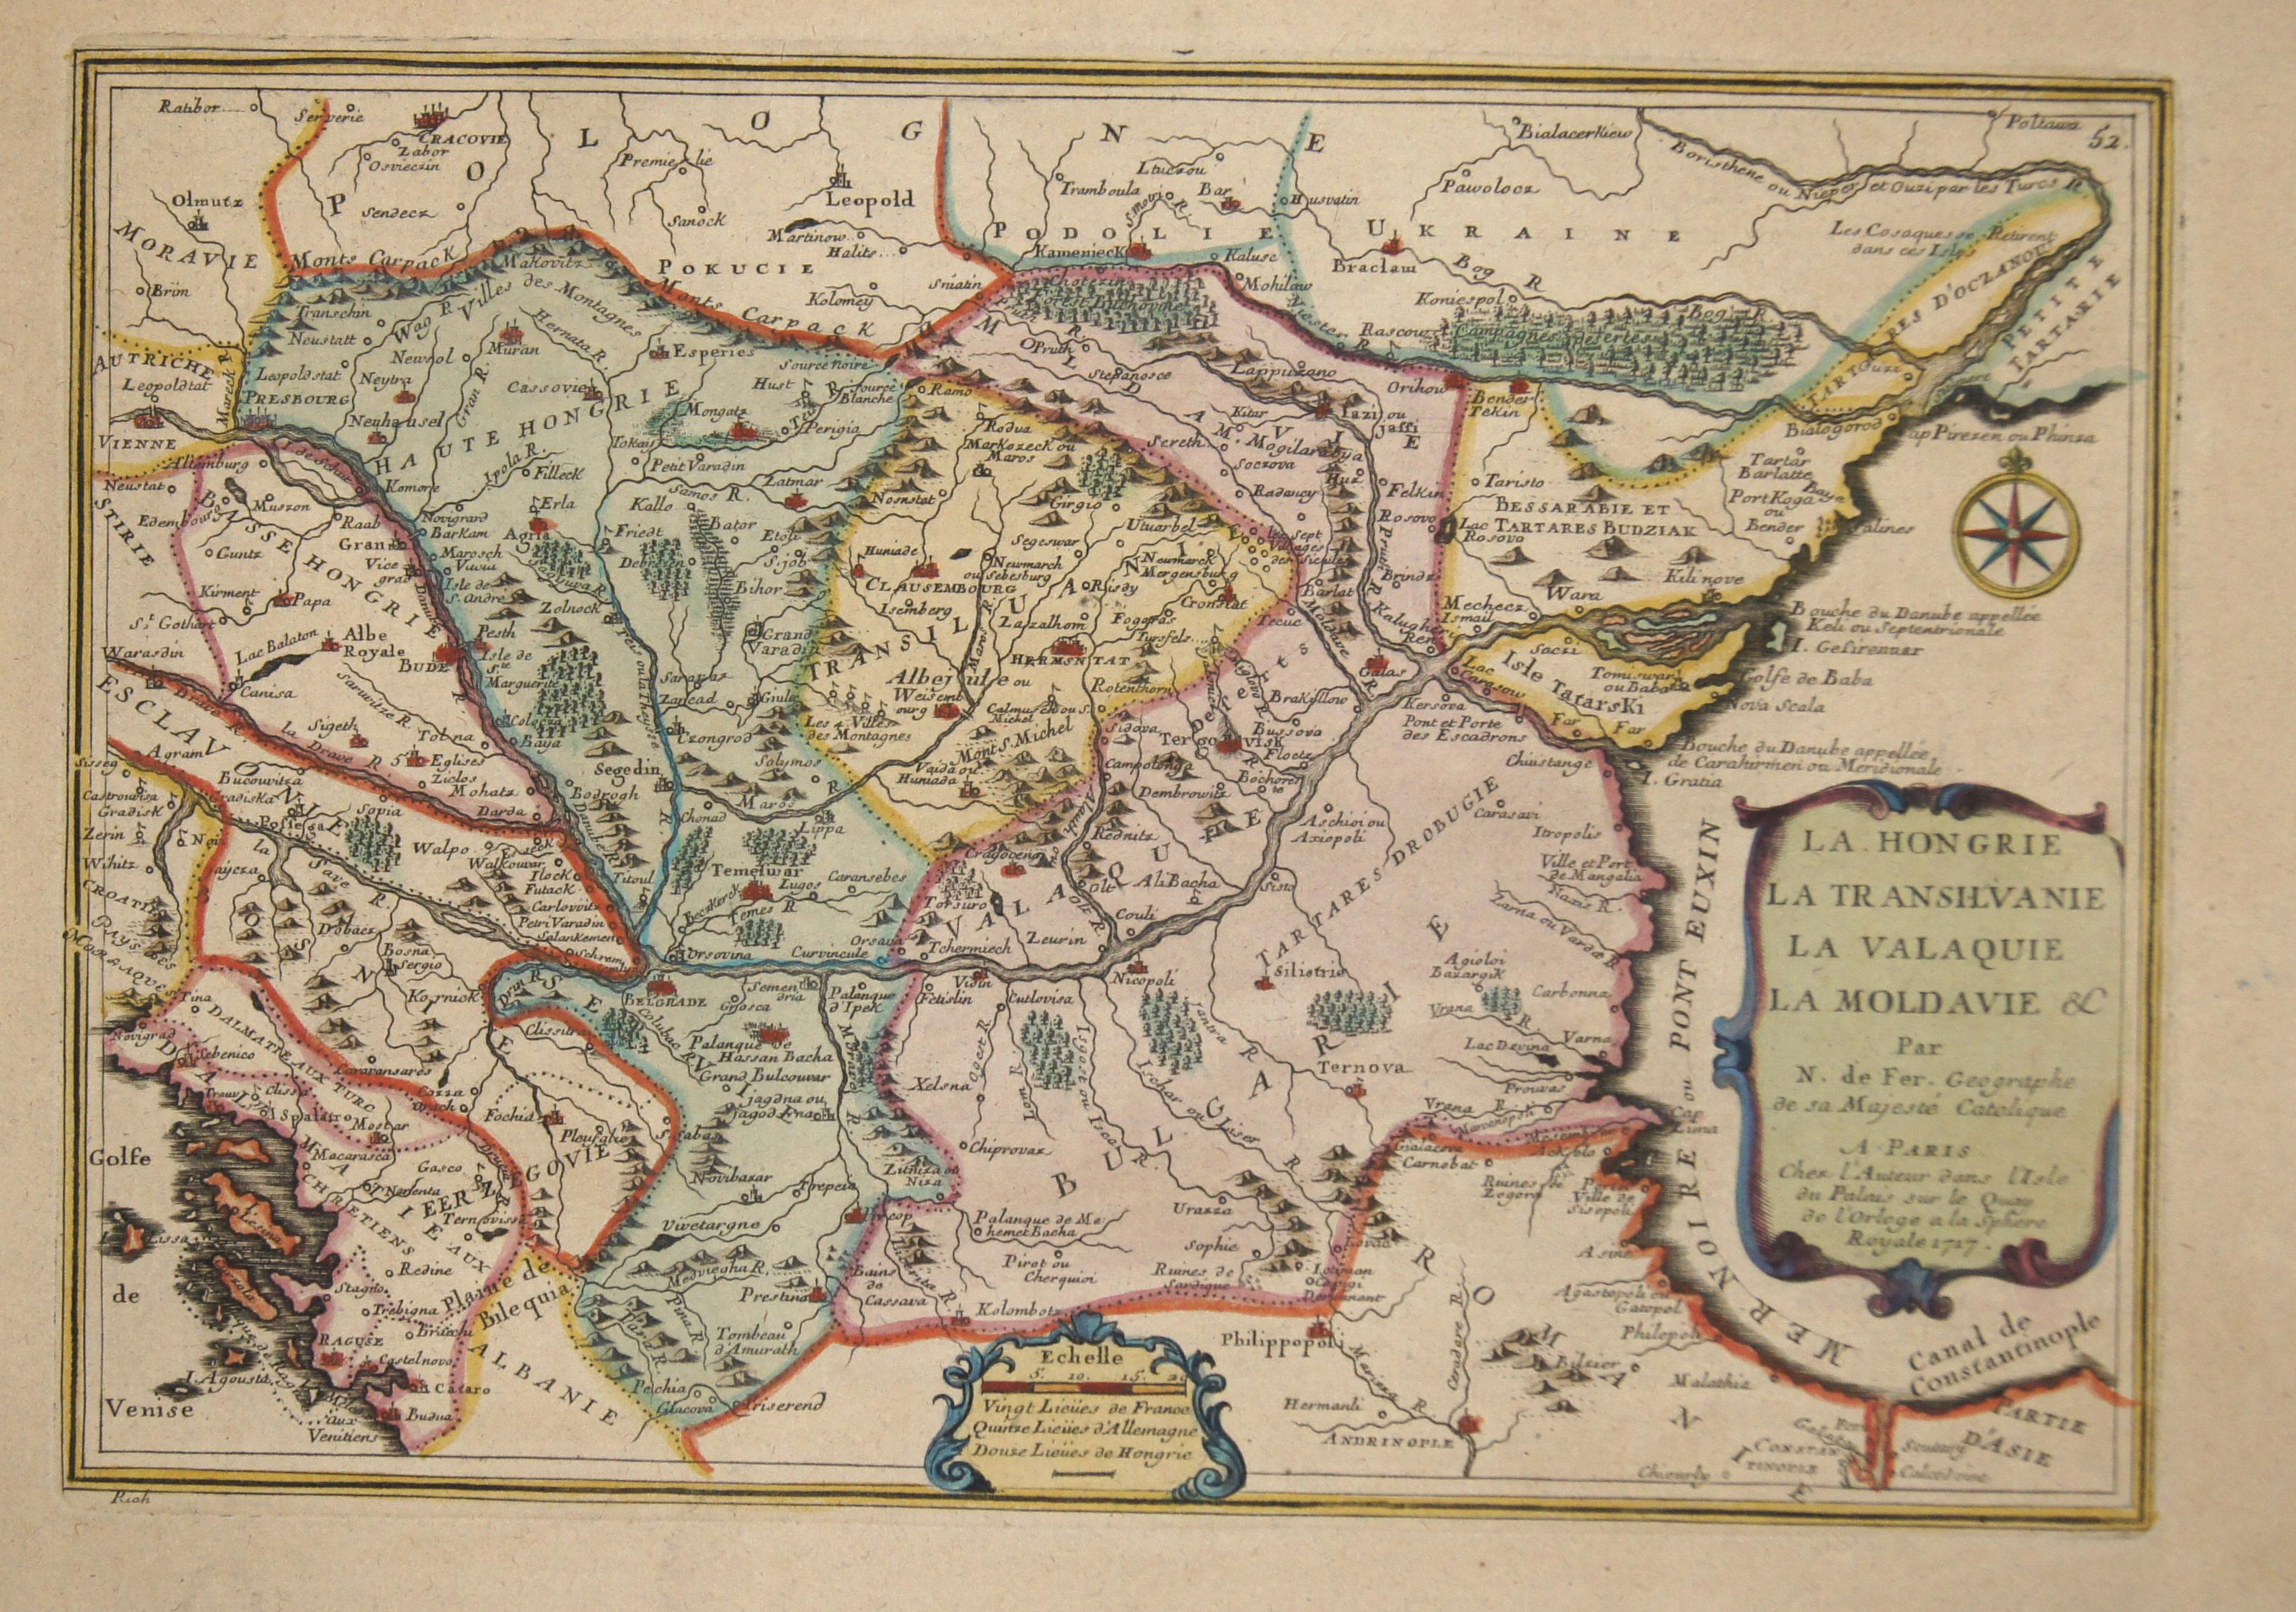 Fer, de Nicolas La Hongrie la Transilvanie la Valaquie la Moldavie